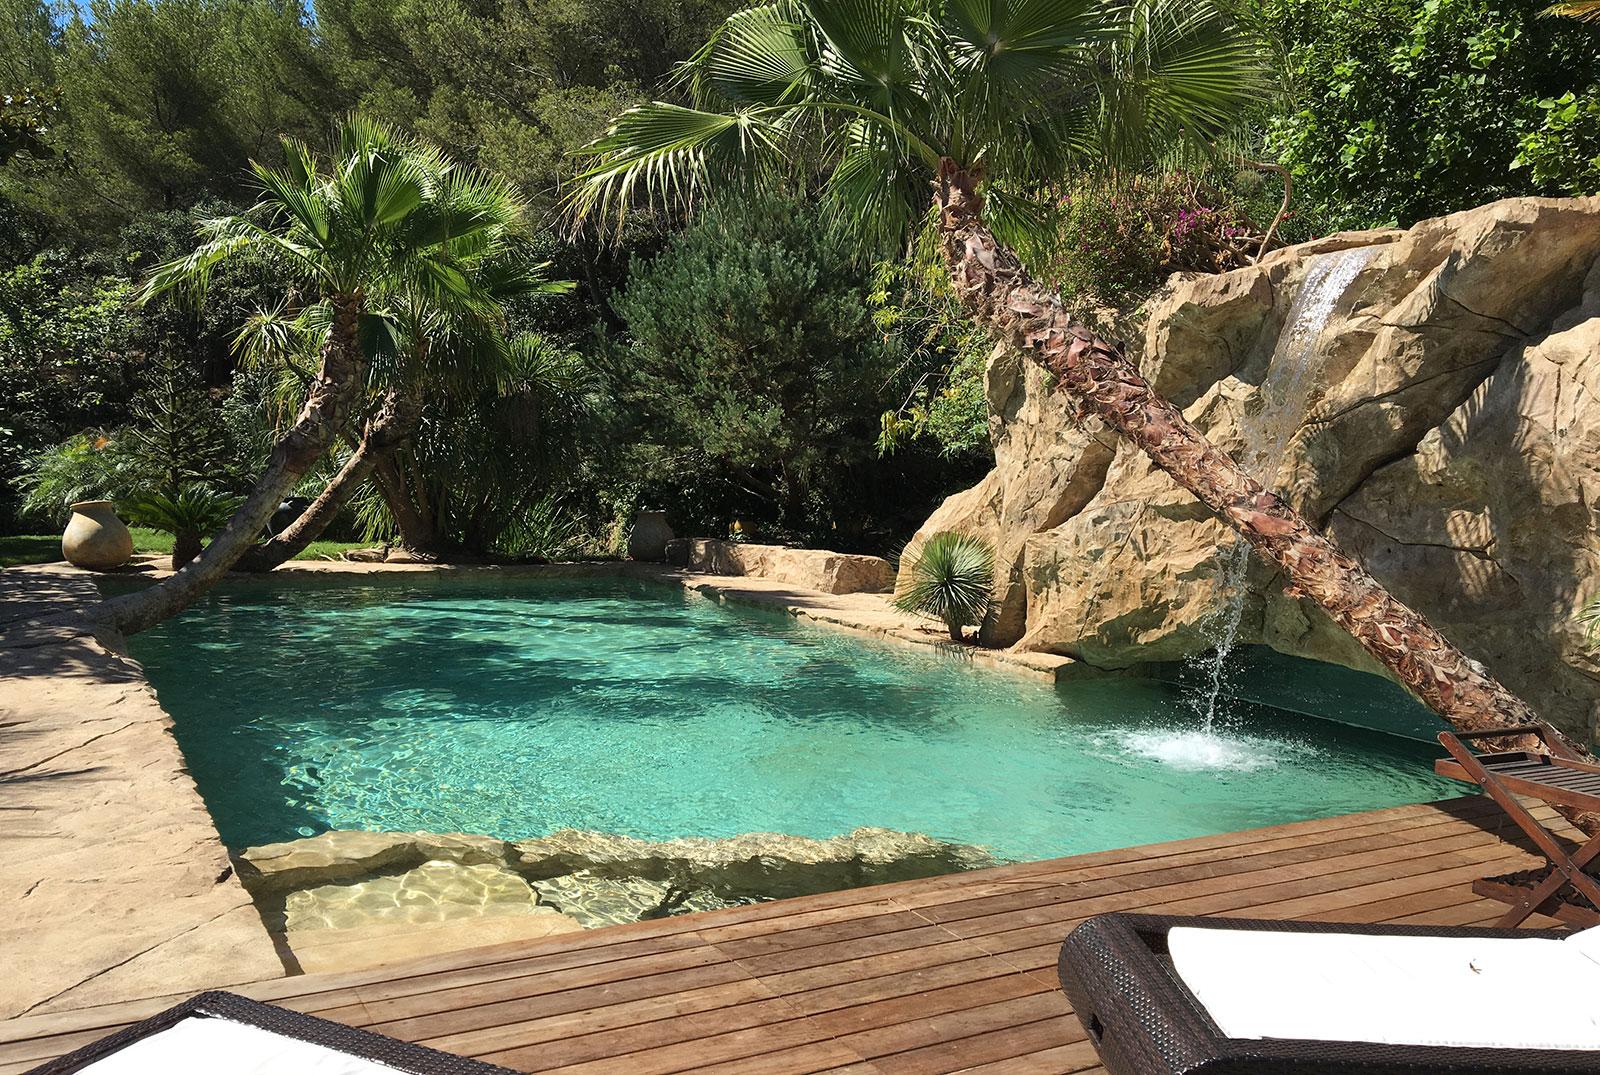 Fontaine piscine naturelle - Piscine ecologique prix ...